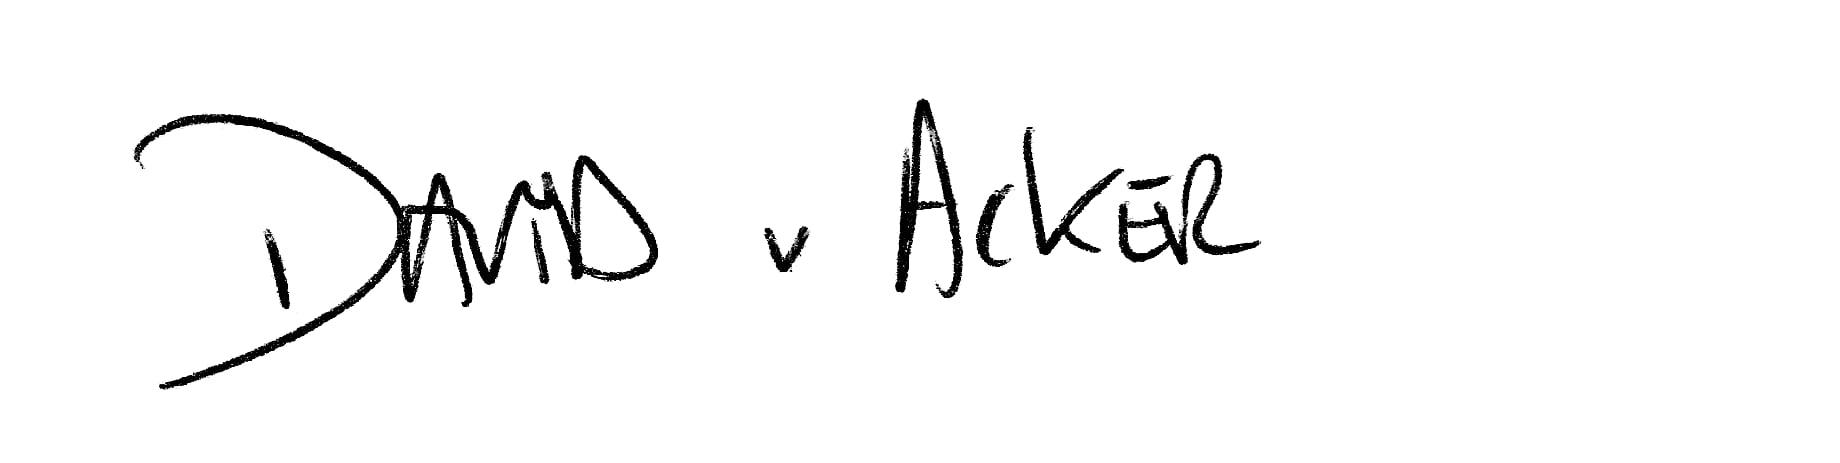 David Van Acker signature